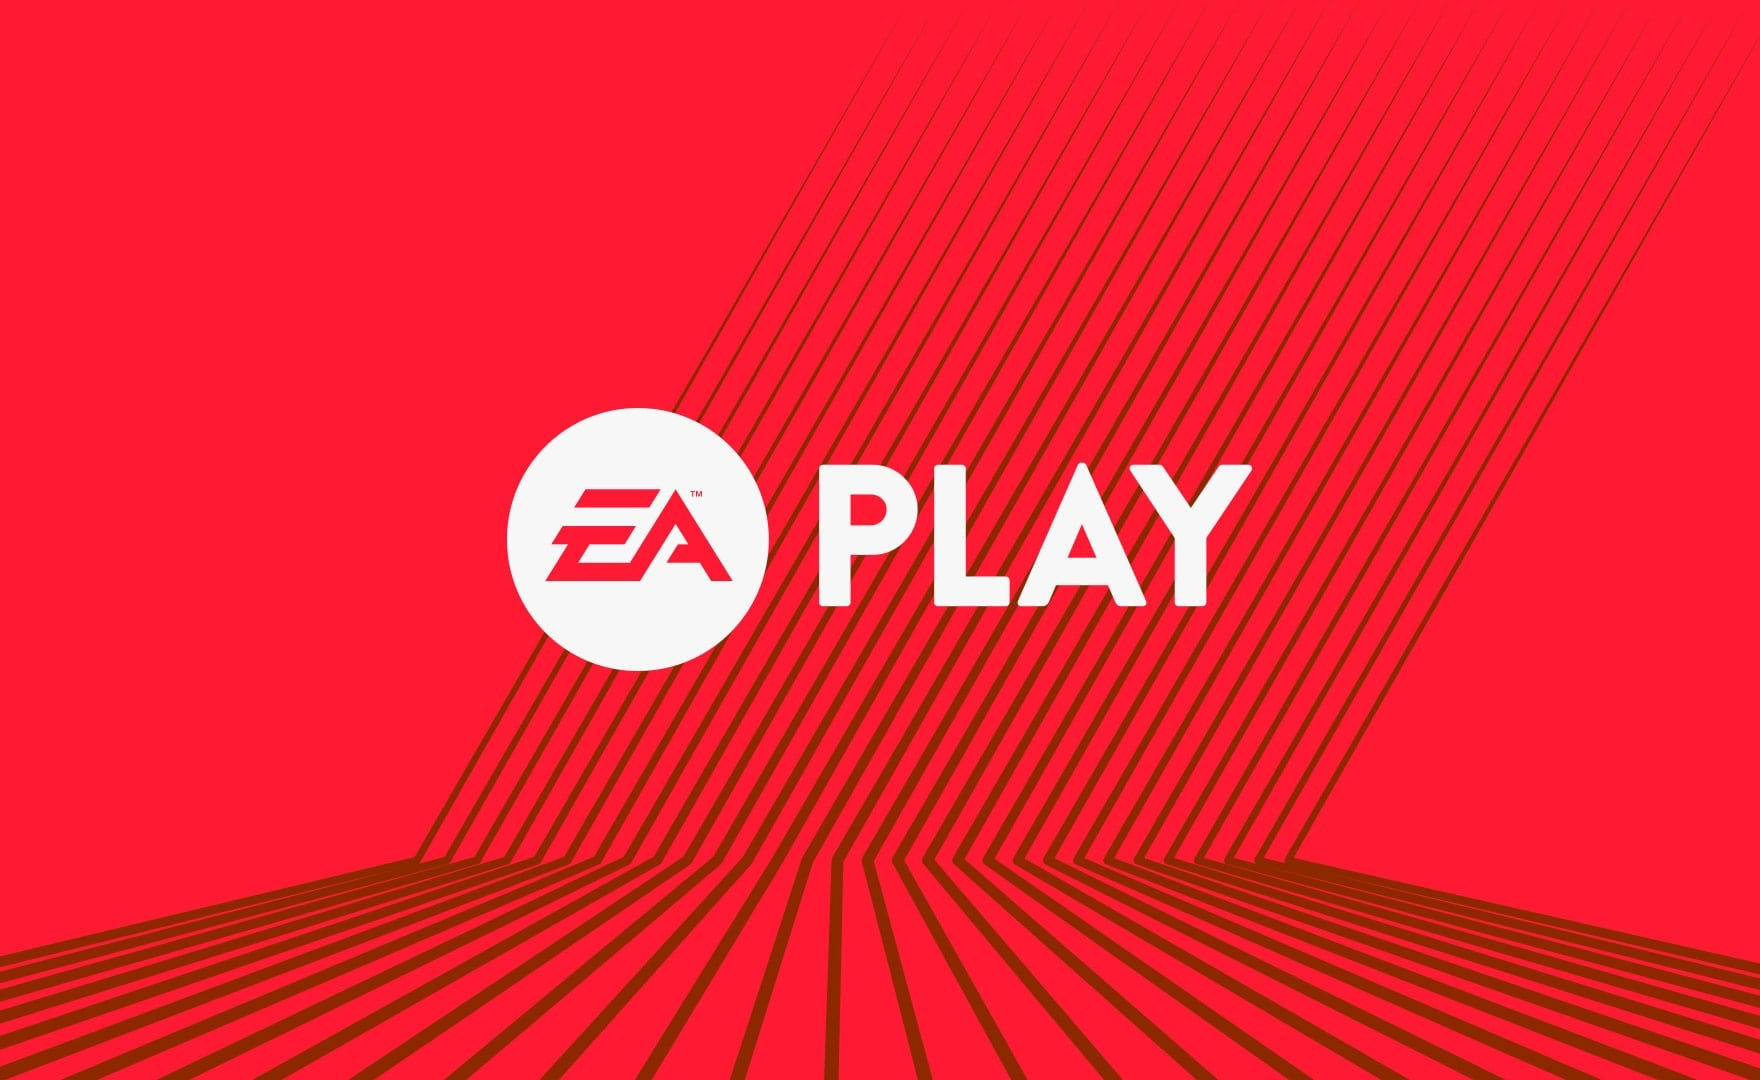 EA Play: la nuova identità dei servizi in abbonamento di Electronic Arts